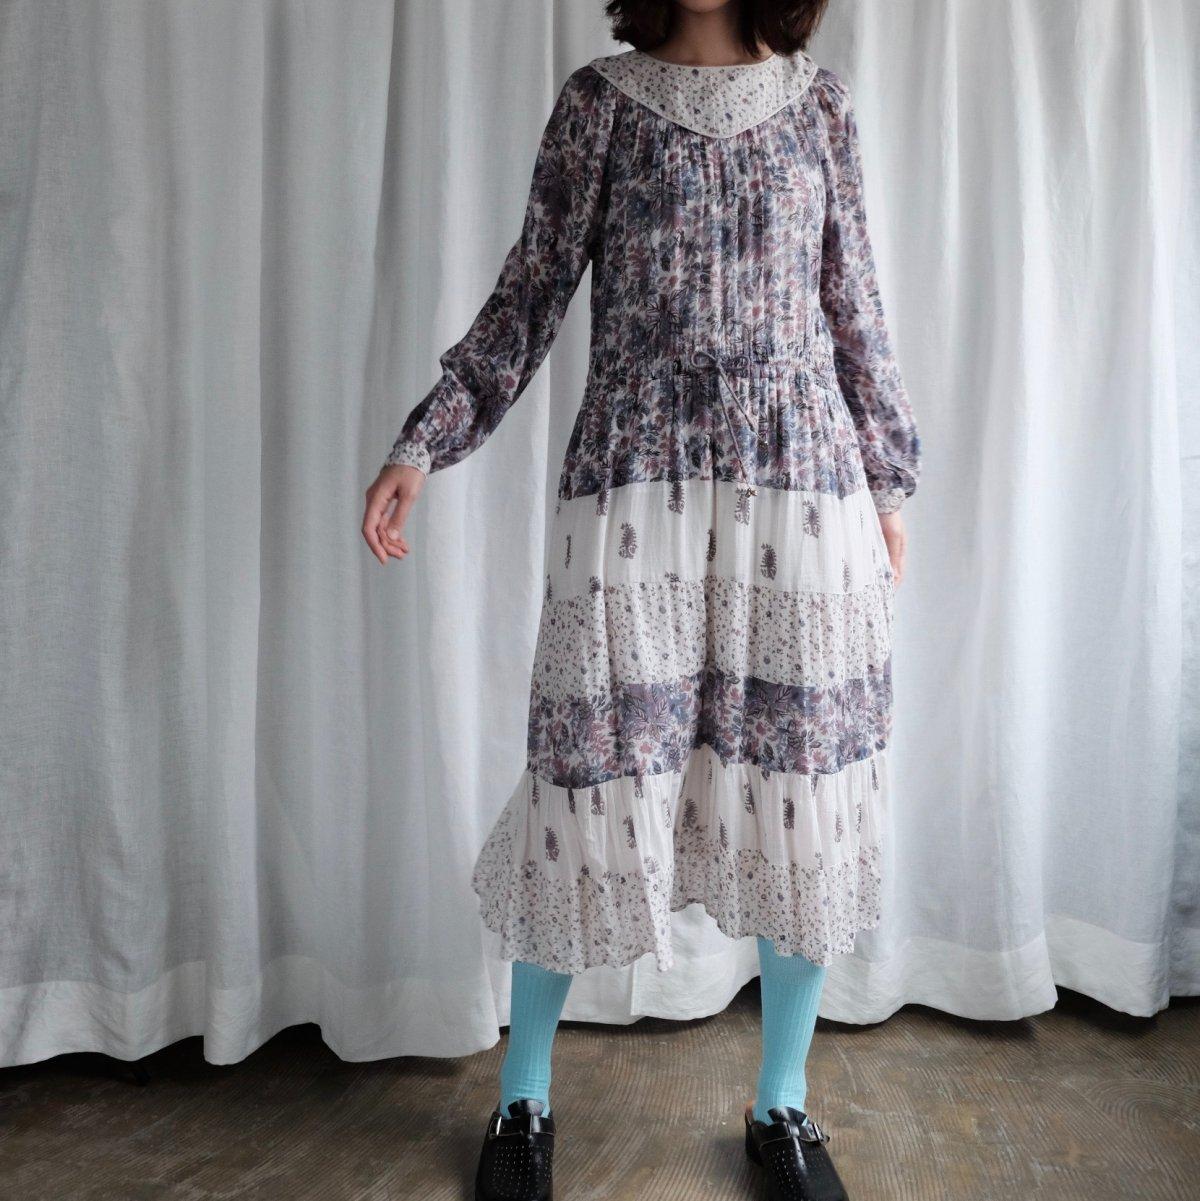 [VINTAGE] Indian rayon botanical dress